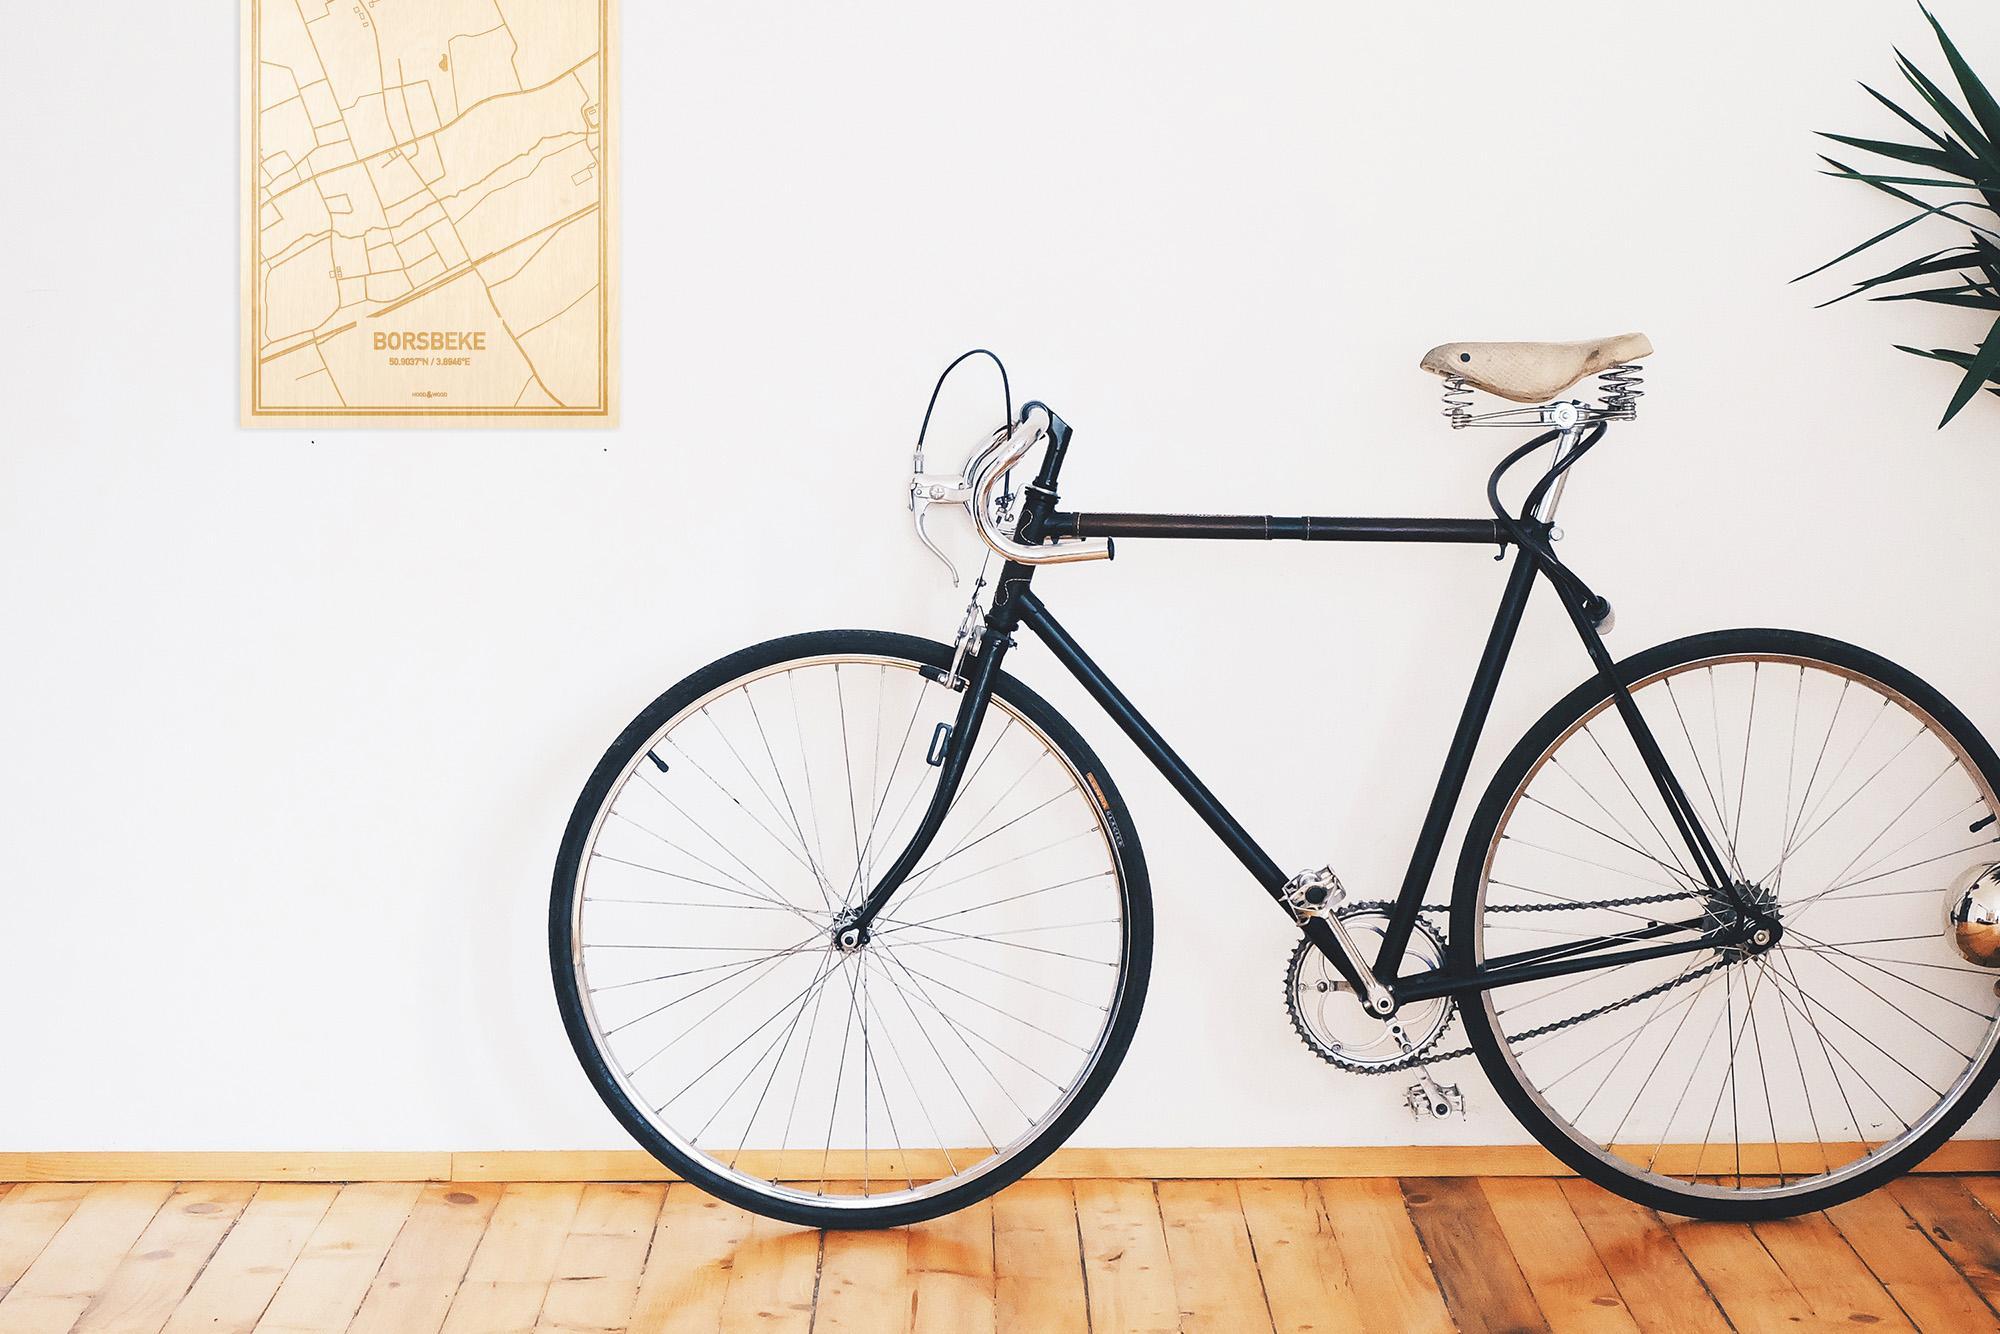 Een snelle fiets in een uniek interieur in Oost-Vlaanderen  met mooie decoratie zoals de plattegrond Borsbeke.